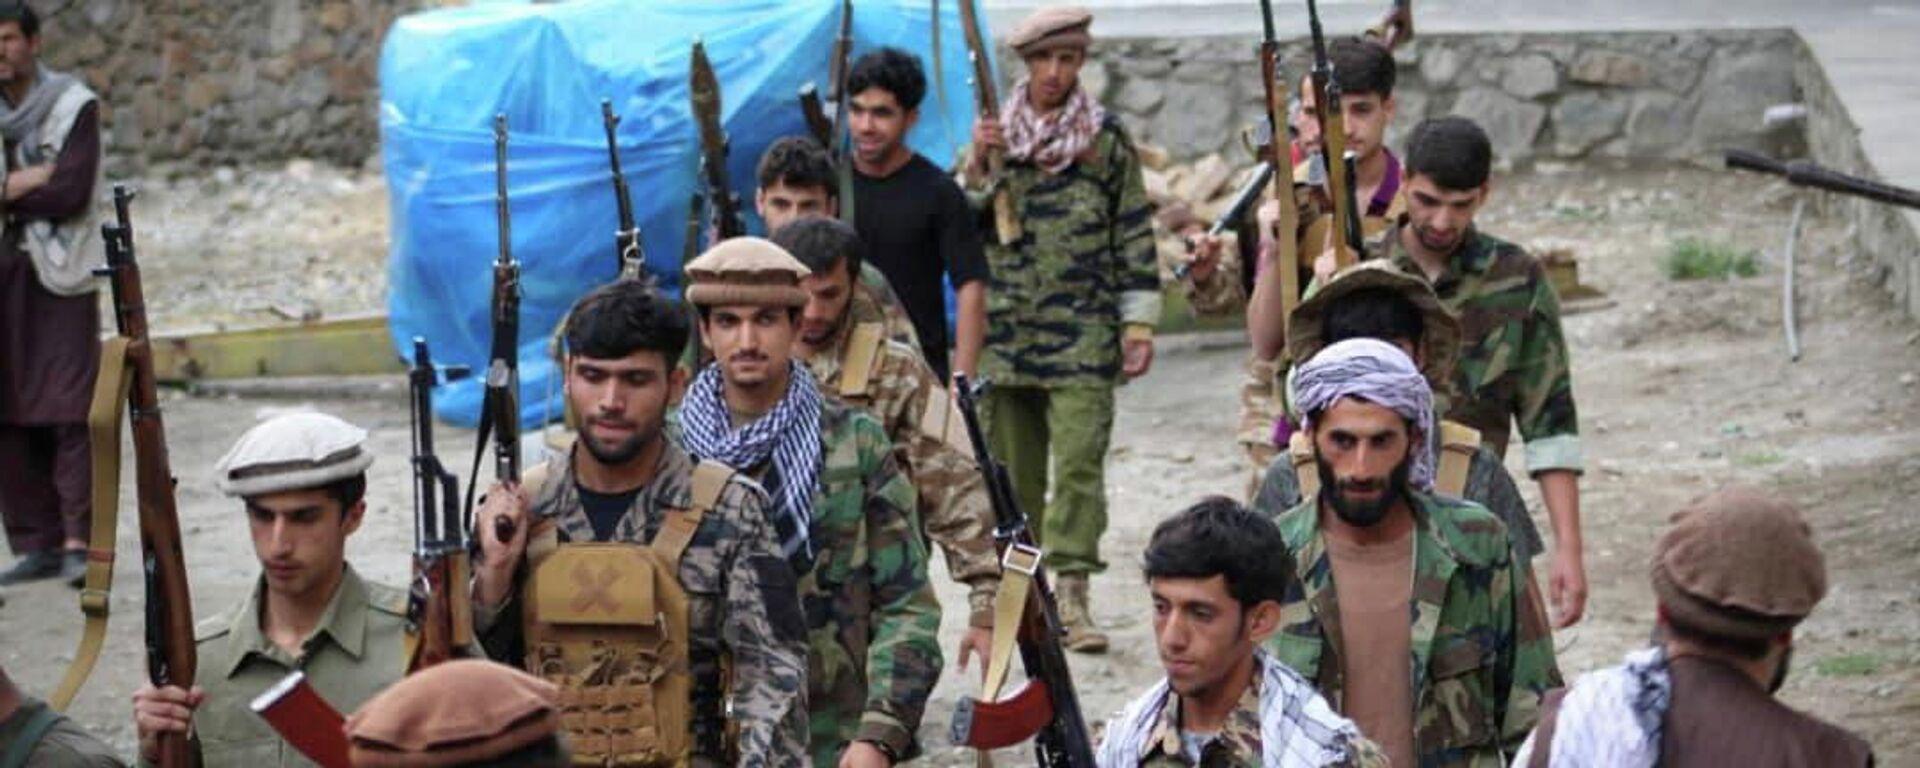 Widerstandskämpfer in der afghanischen Provinz Pandschir - SNA, 1920, 03.09.2021